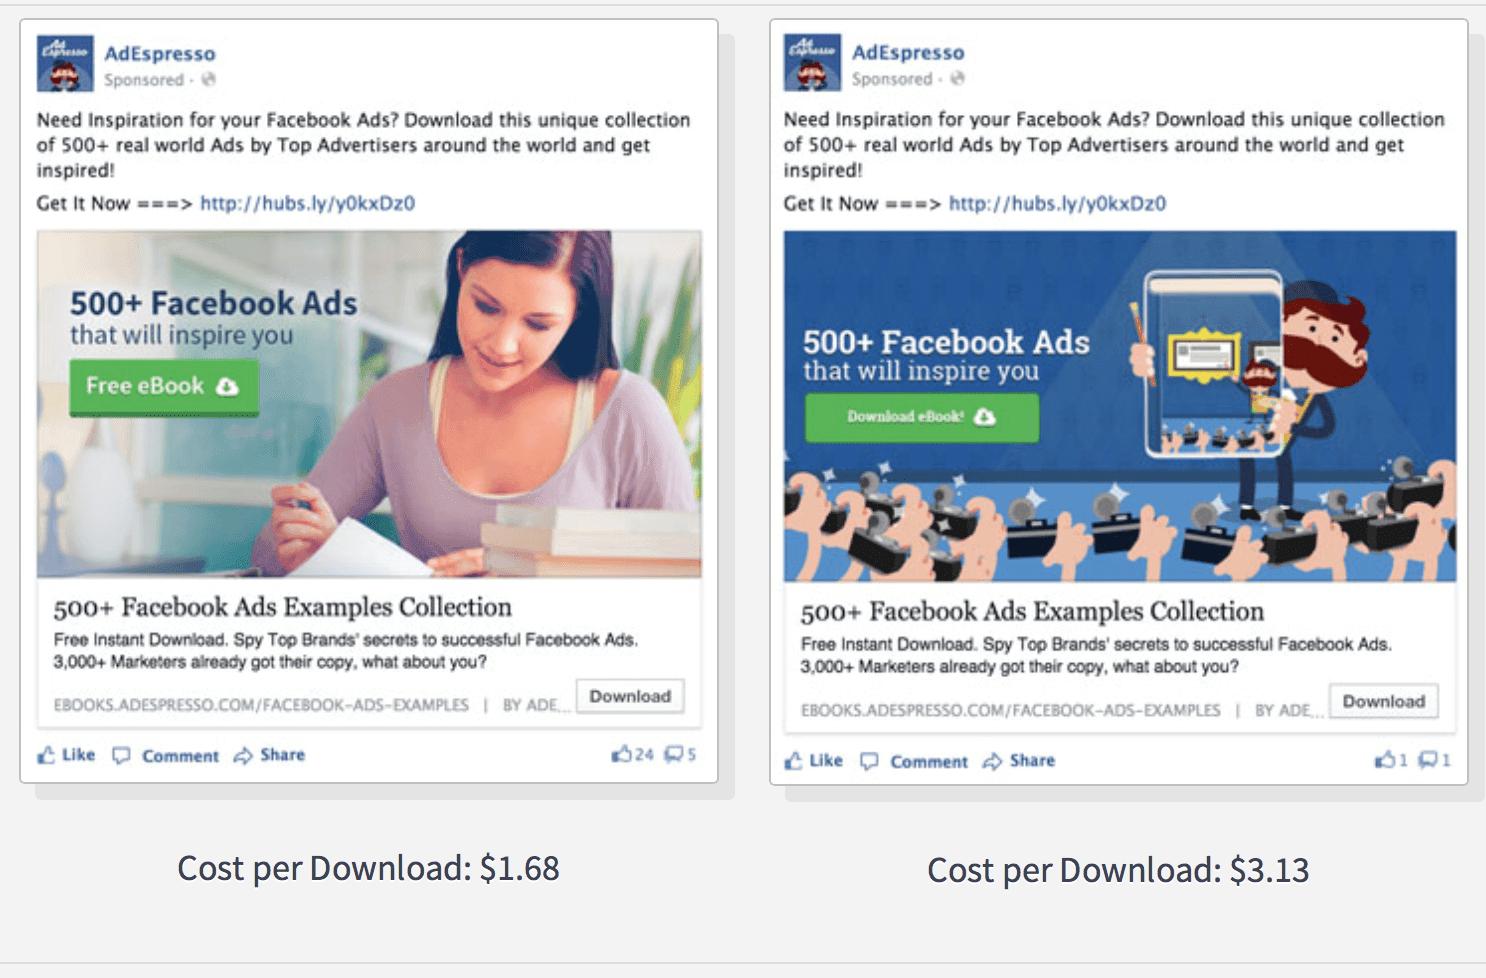 Quels sont les inconvénients de la publicité?